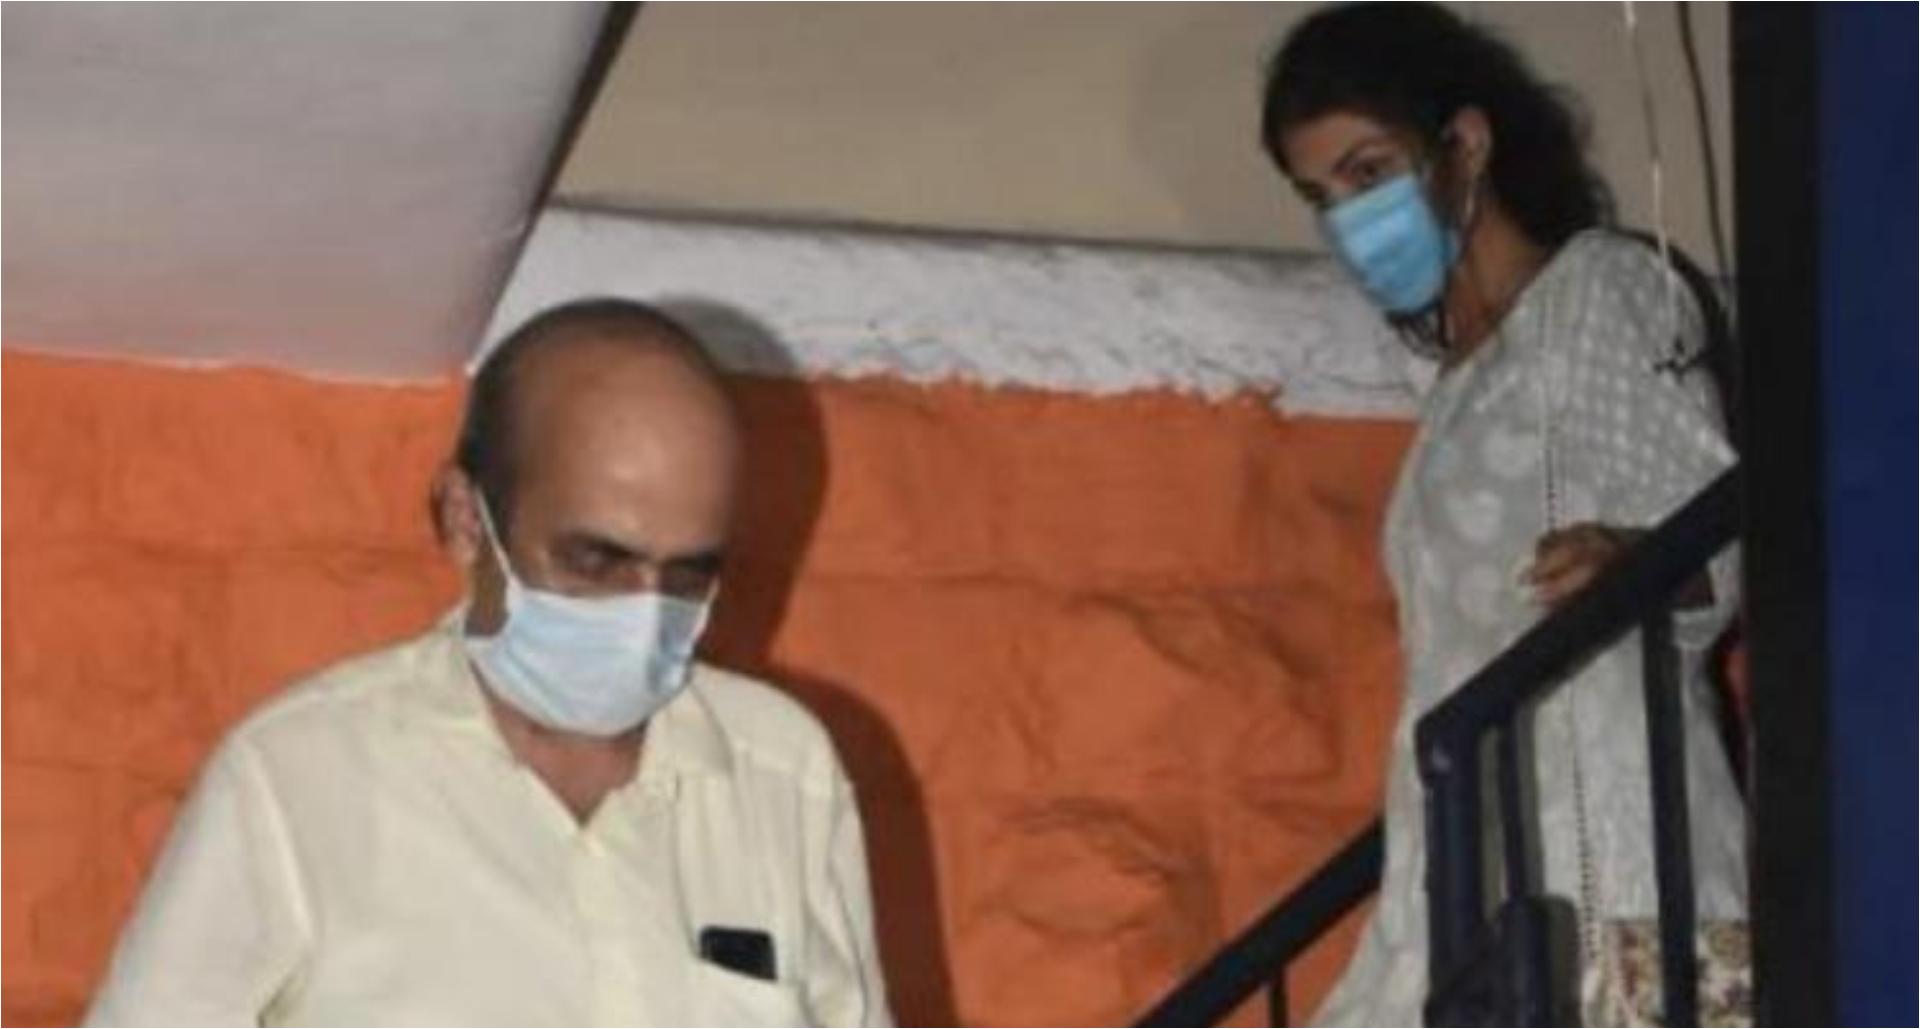 सुशांत सिंह राजपूत केस: ड्रग एंगल में सामने आया रिया चक्रवर्ती के 'डैड' का नाम, सबूत है शौविक के टेक्स्ट!